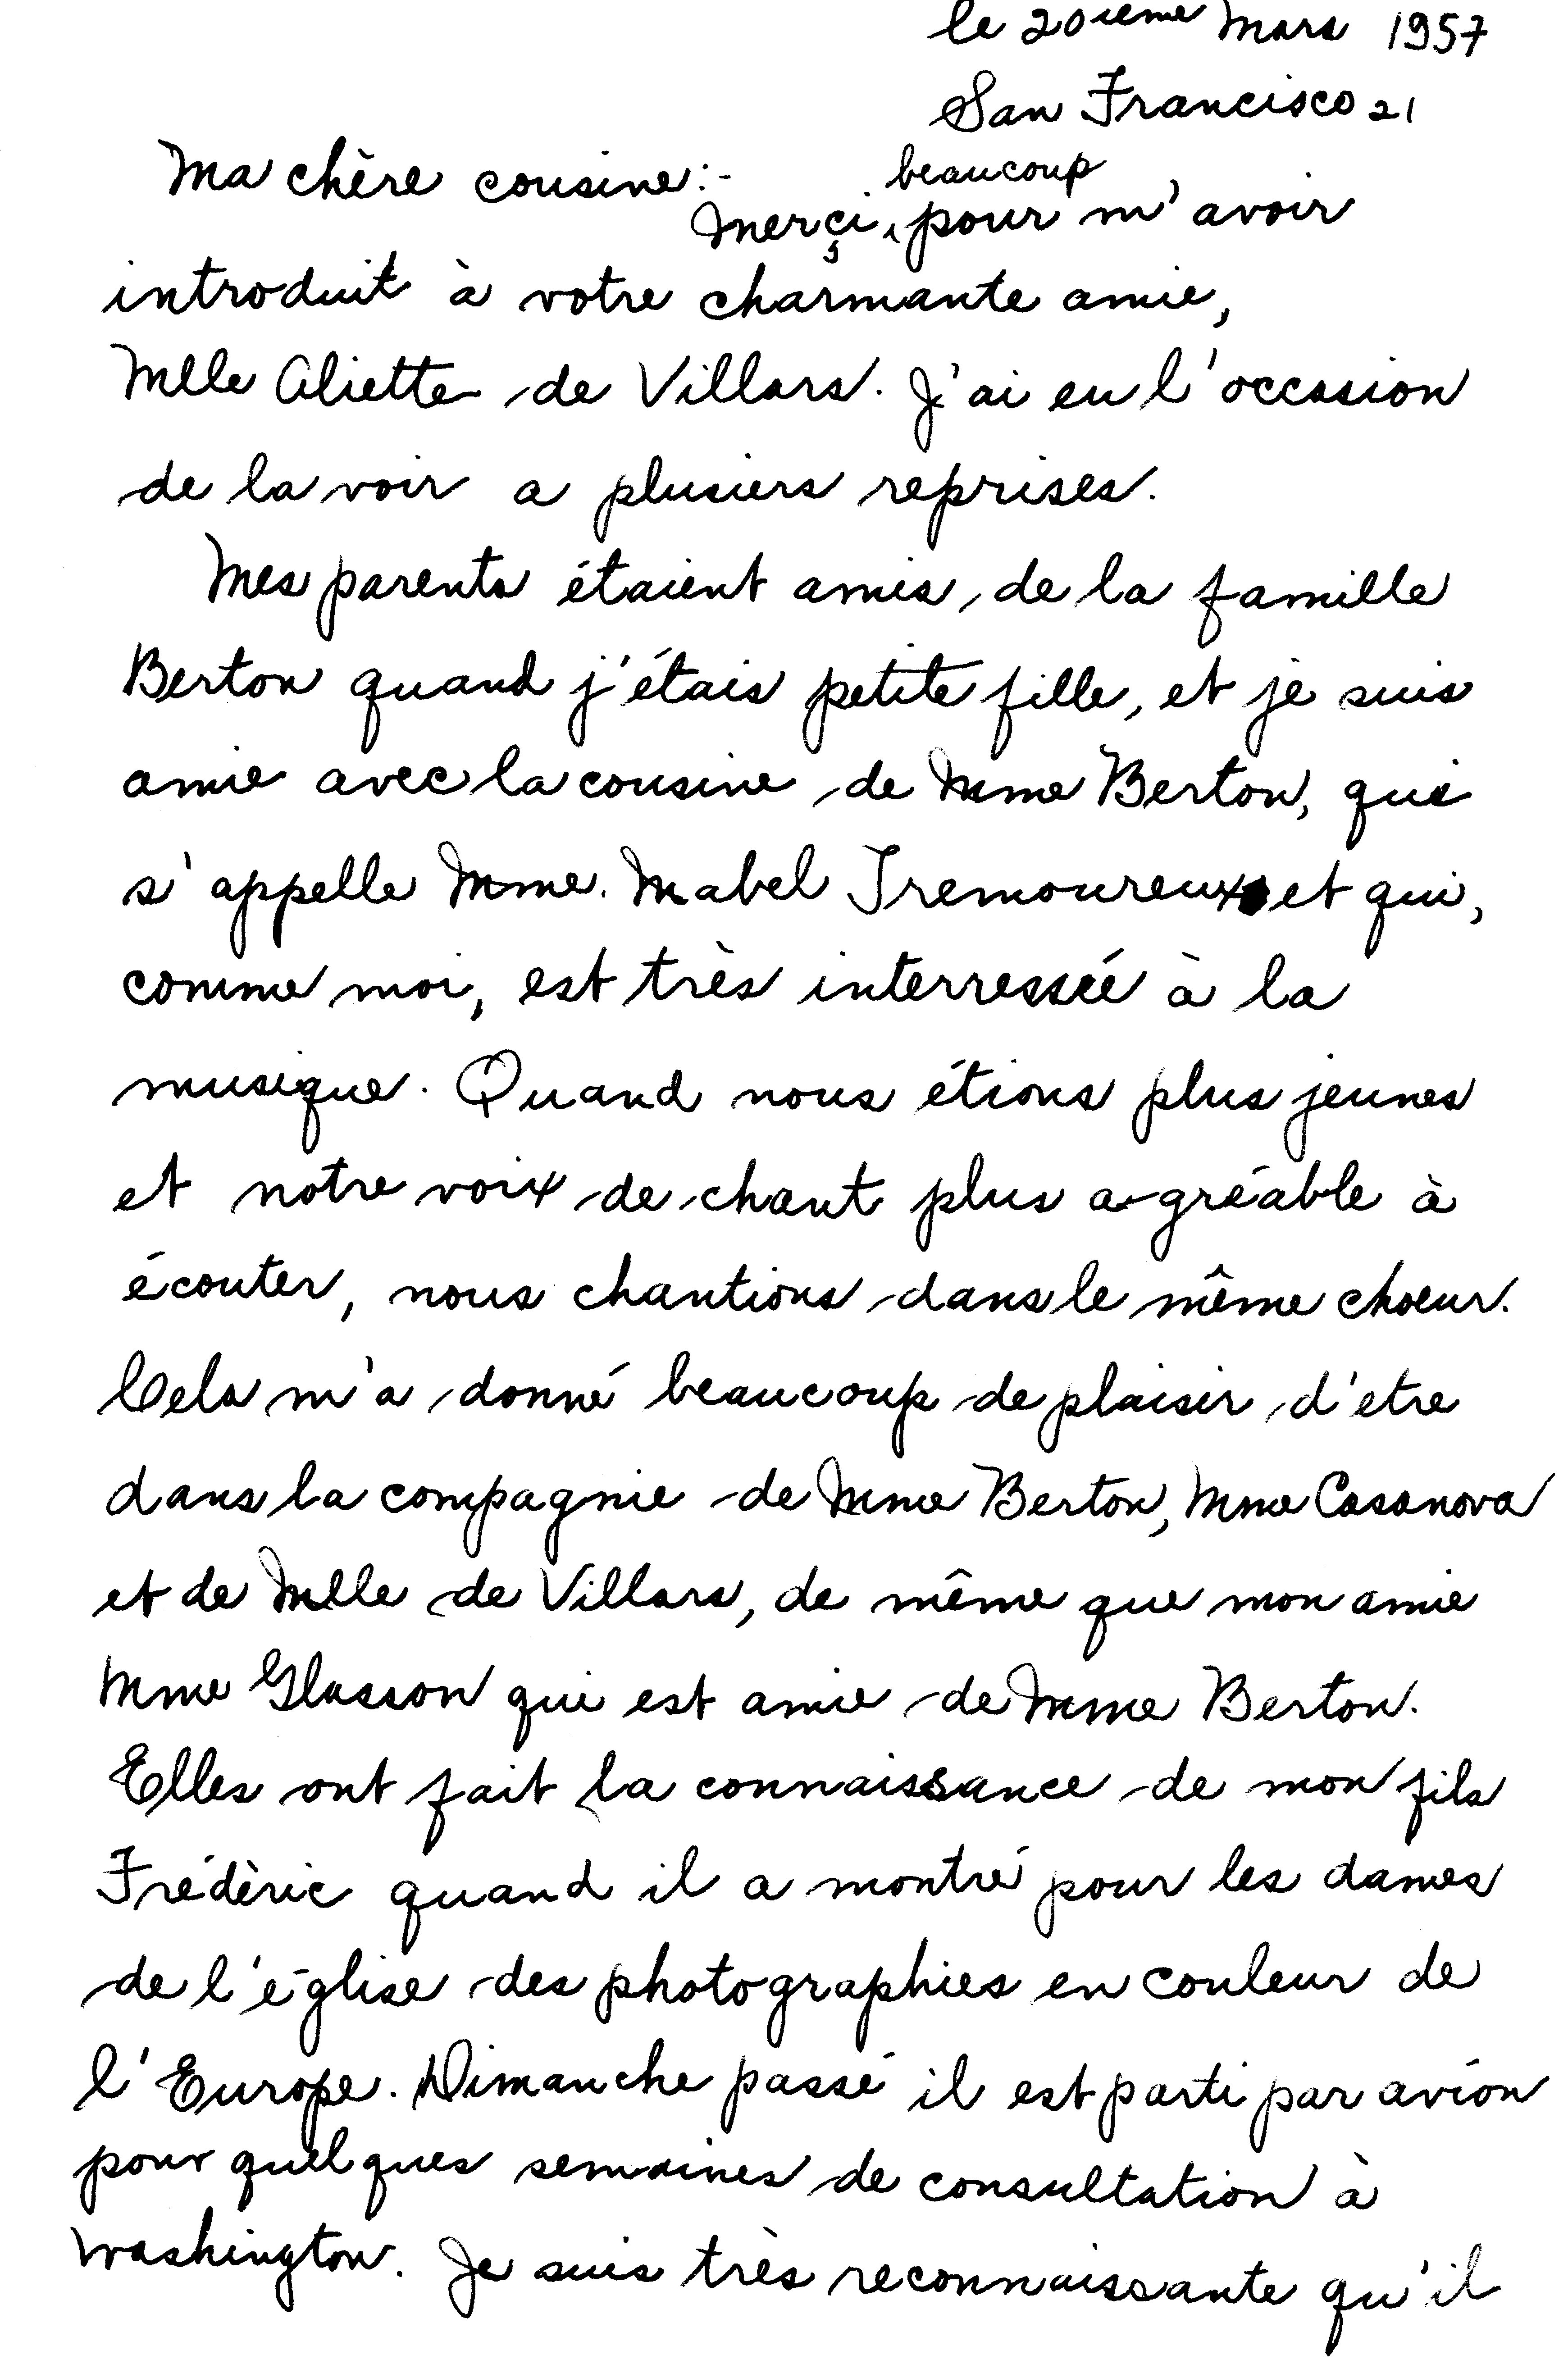 Emma-de-BOOM-Witzel_1957letter_p1